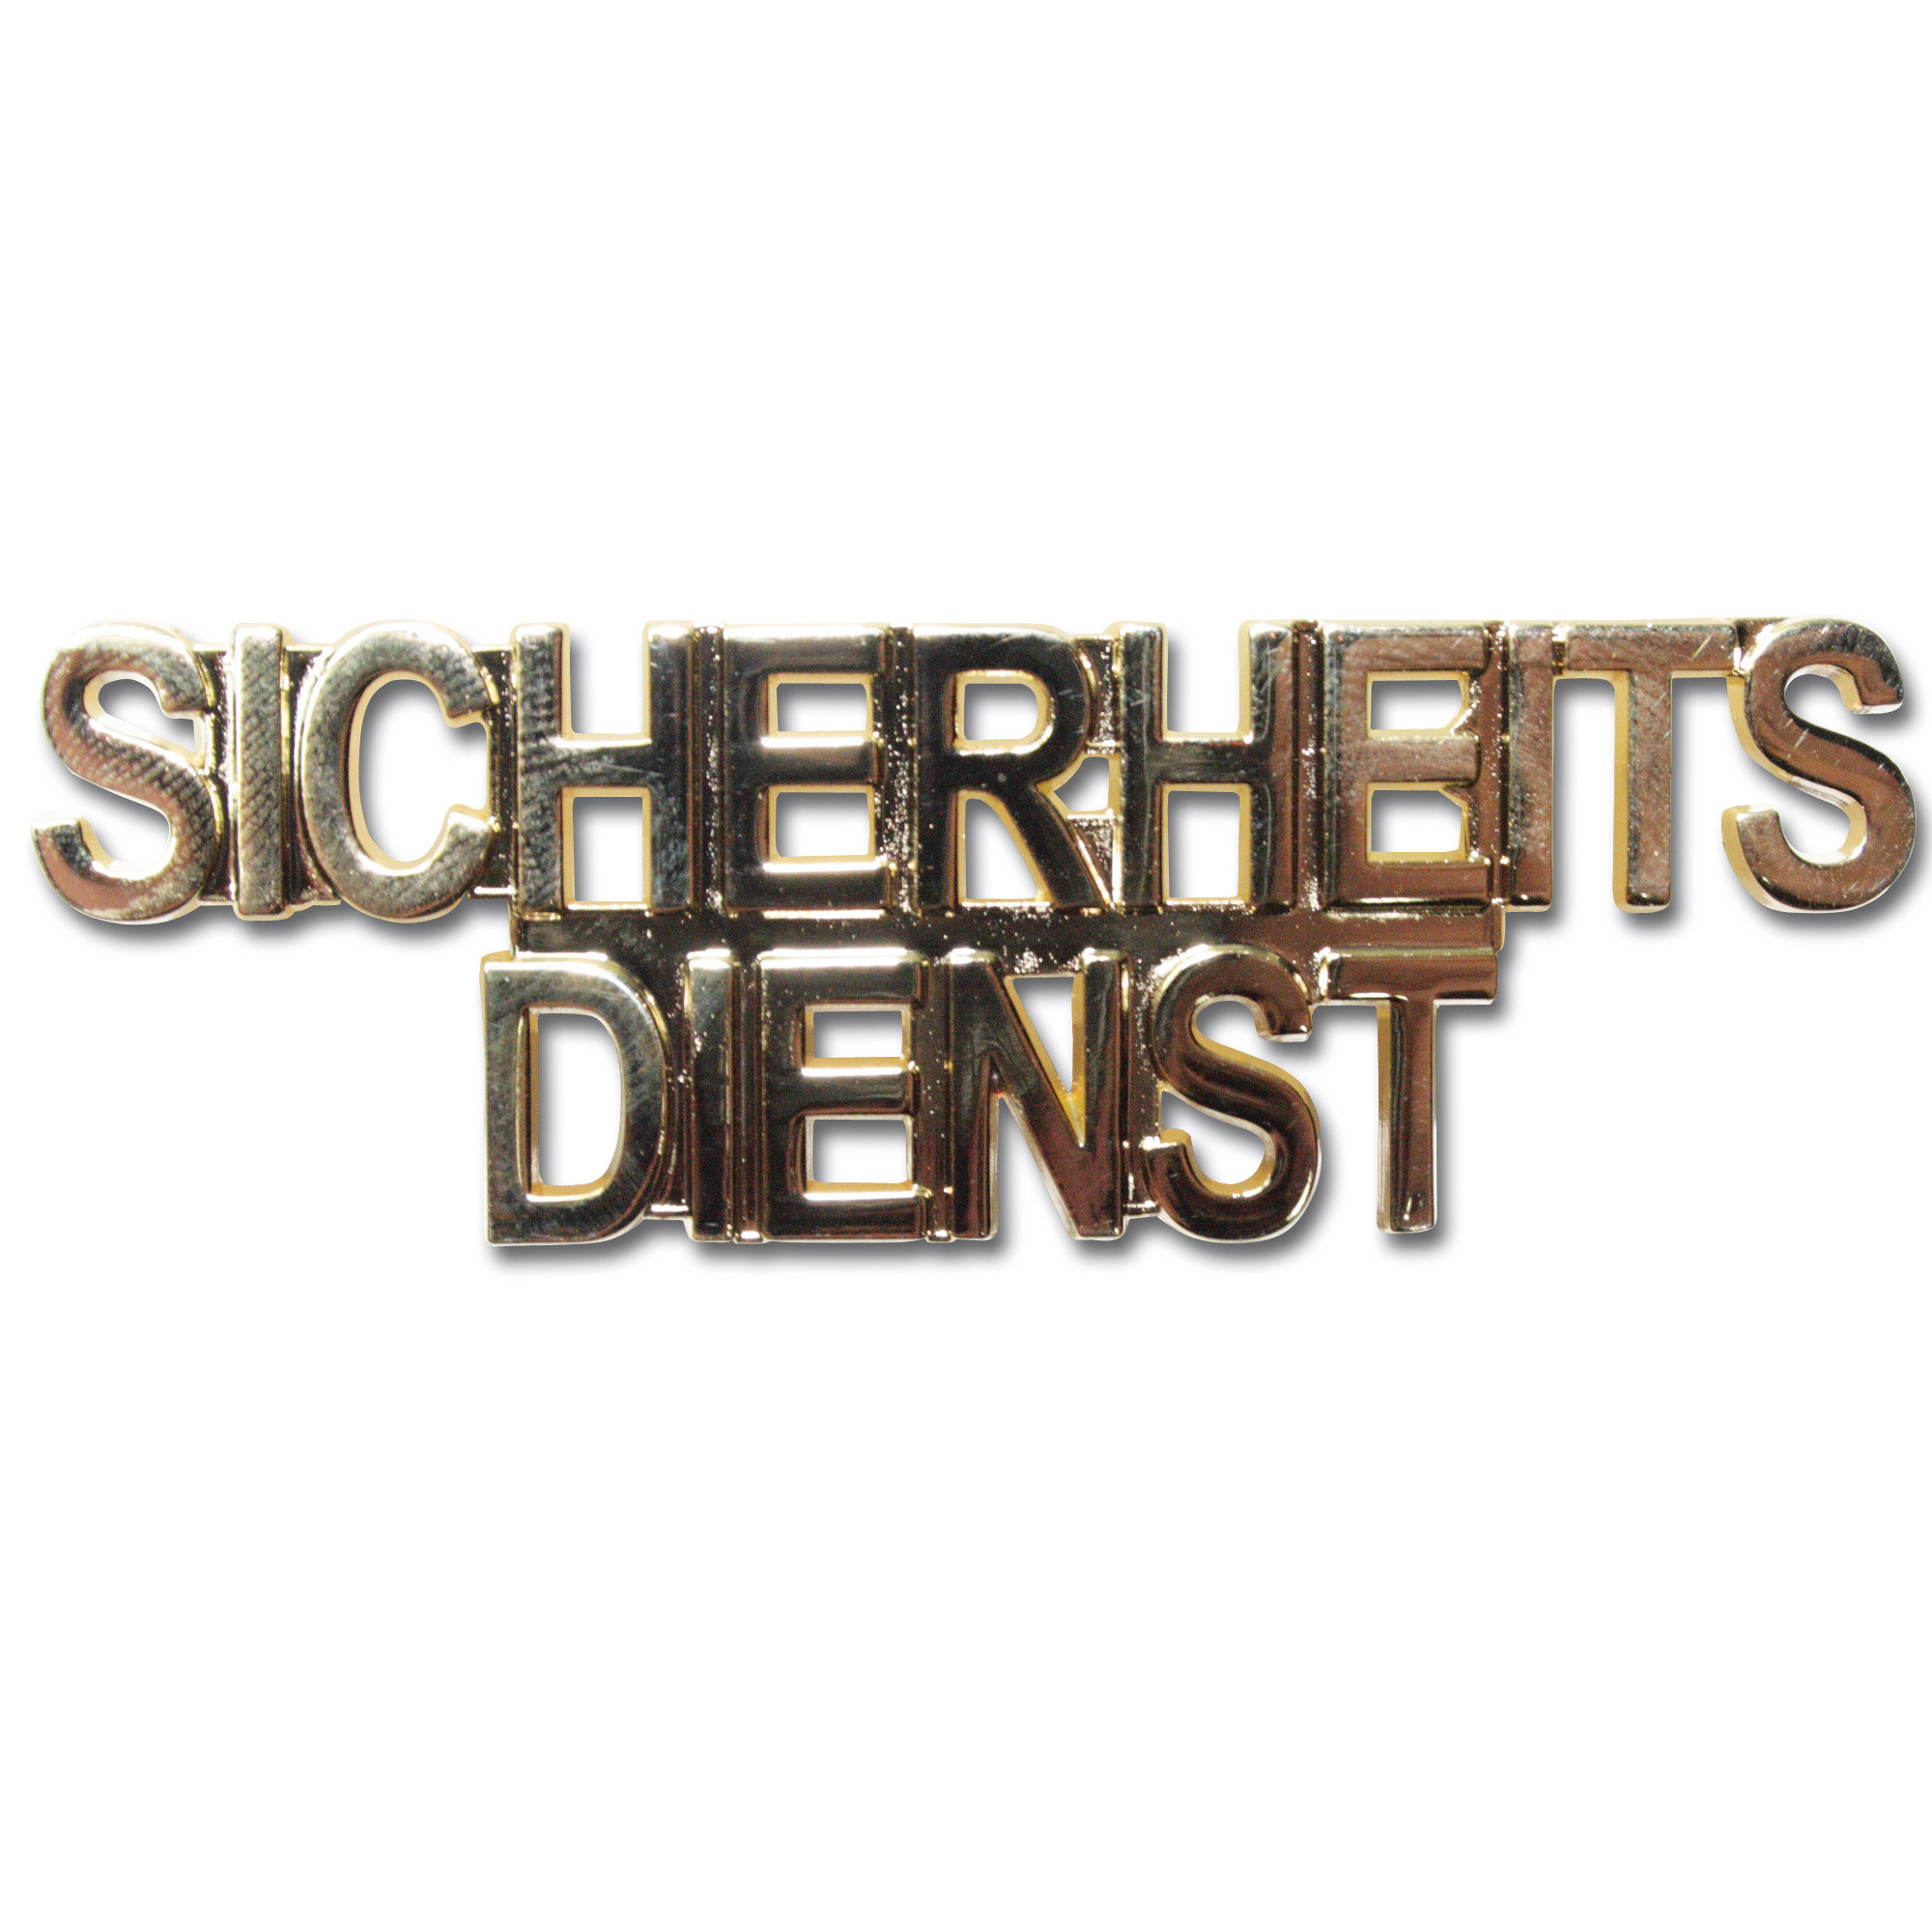 Collar patch SICHERHEITSDIENST gold